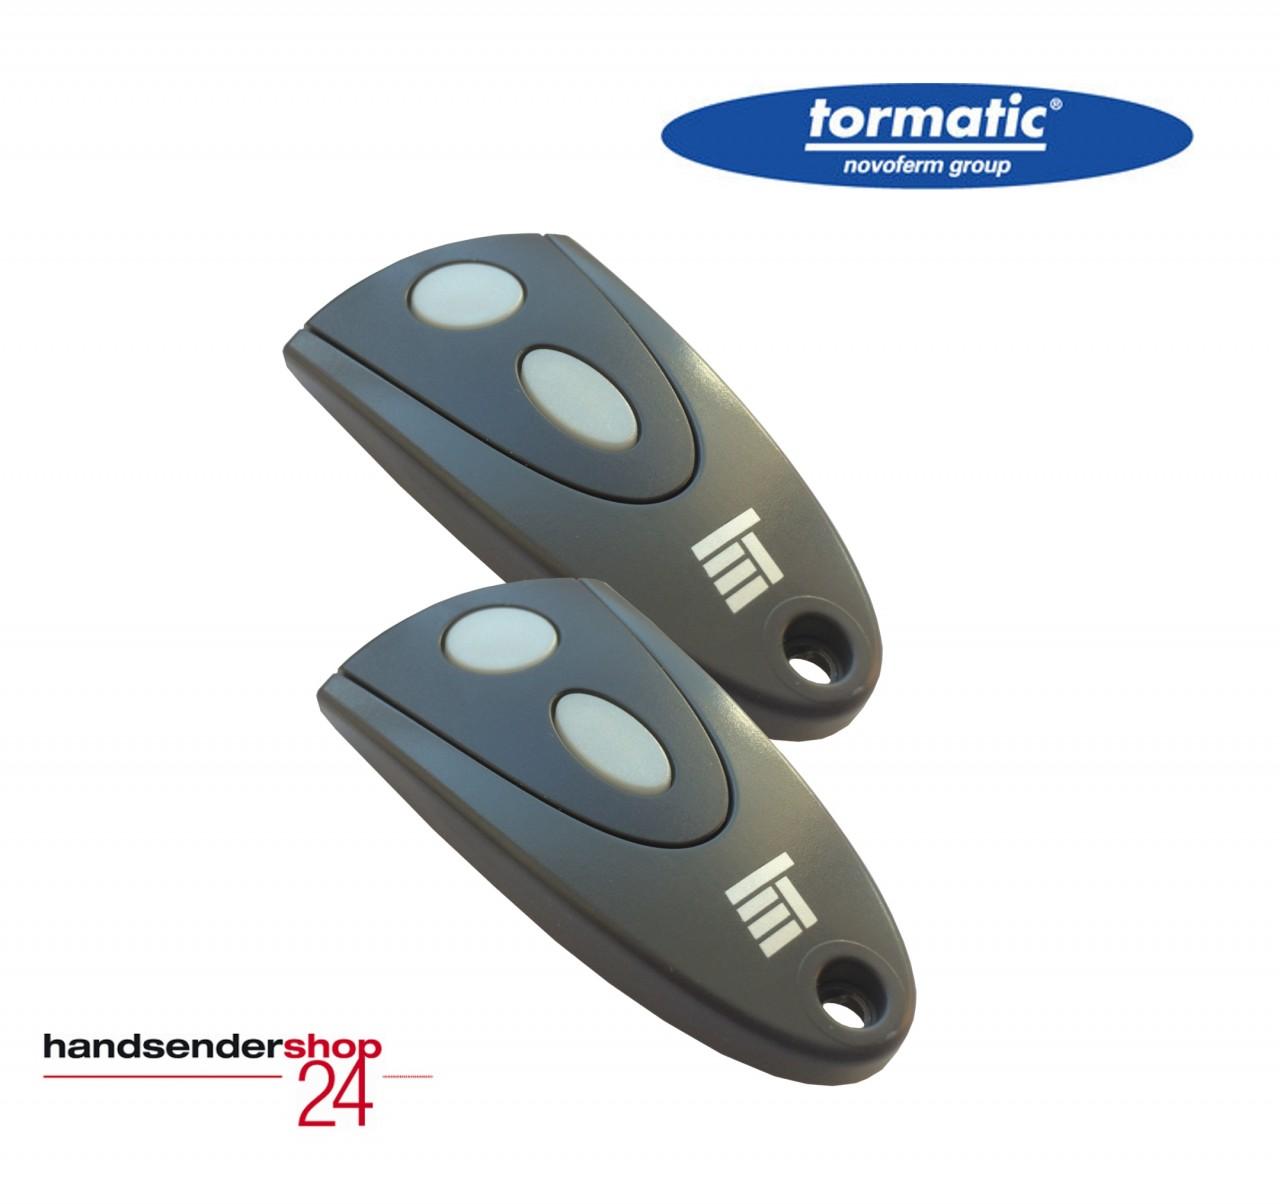 2 Stück Tormatic Handsender 502 MAX43-2 mit 433,92 MHz